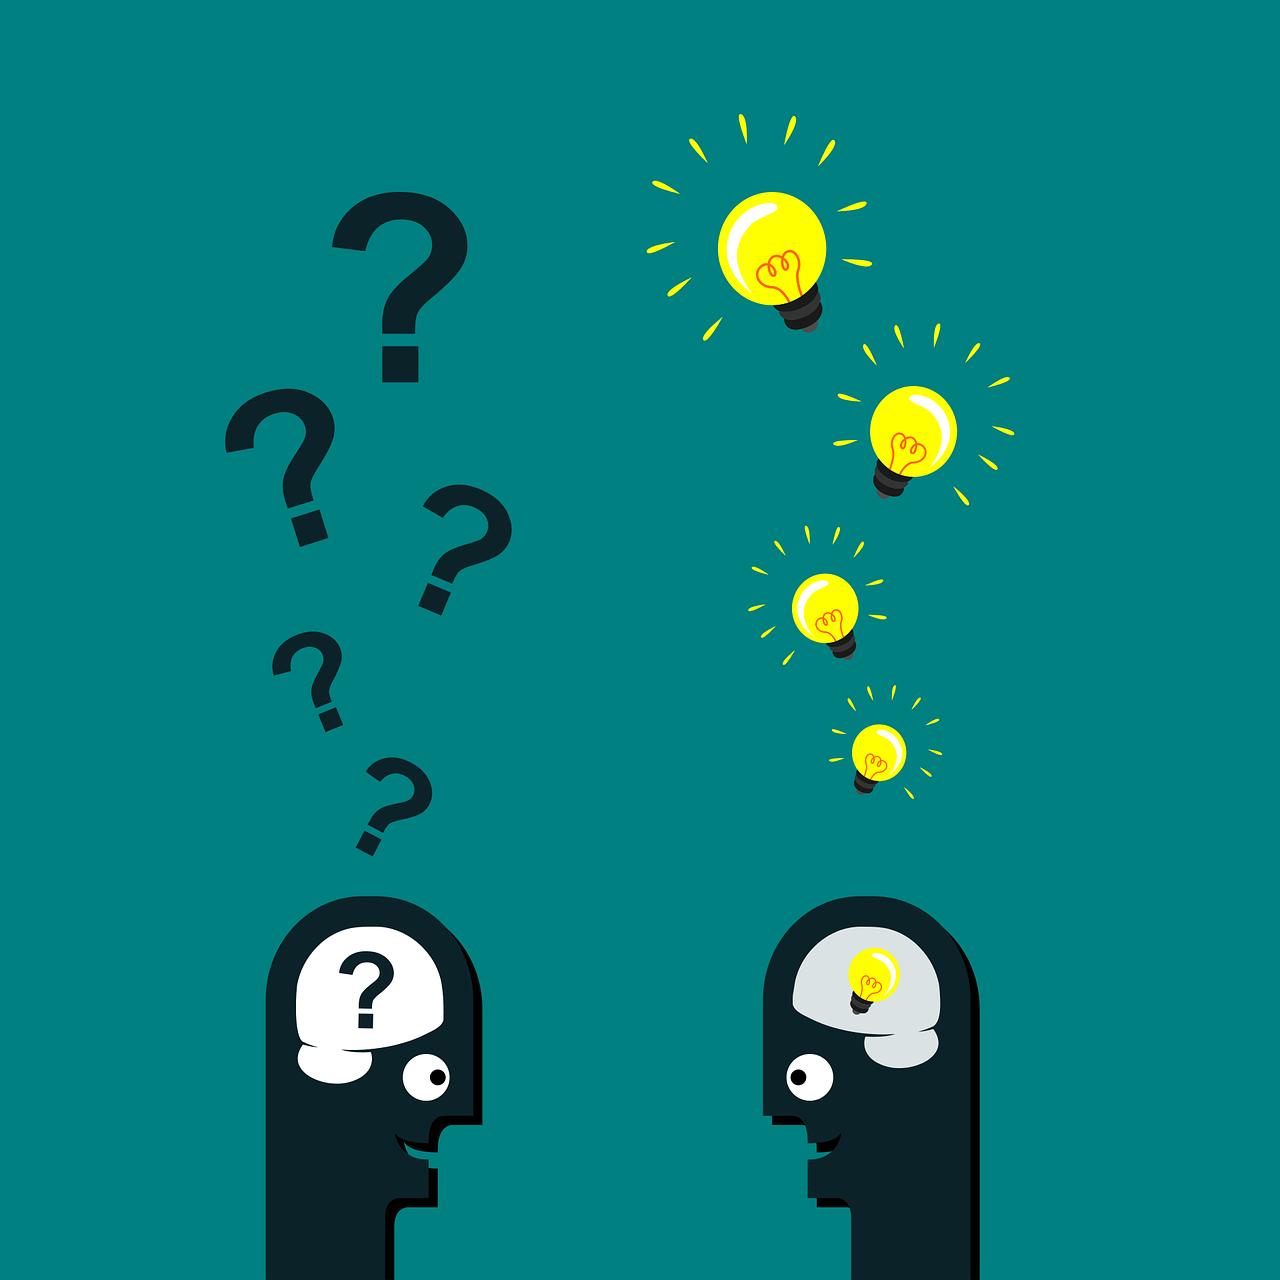 Fungerer assistert hjelp til selvhjelp? Psykolog gir 11 terapeutiske tips 3